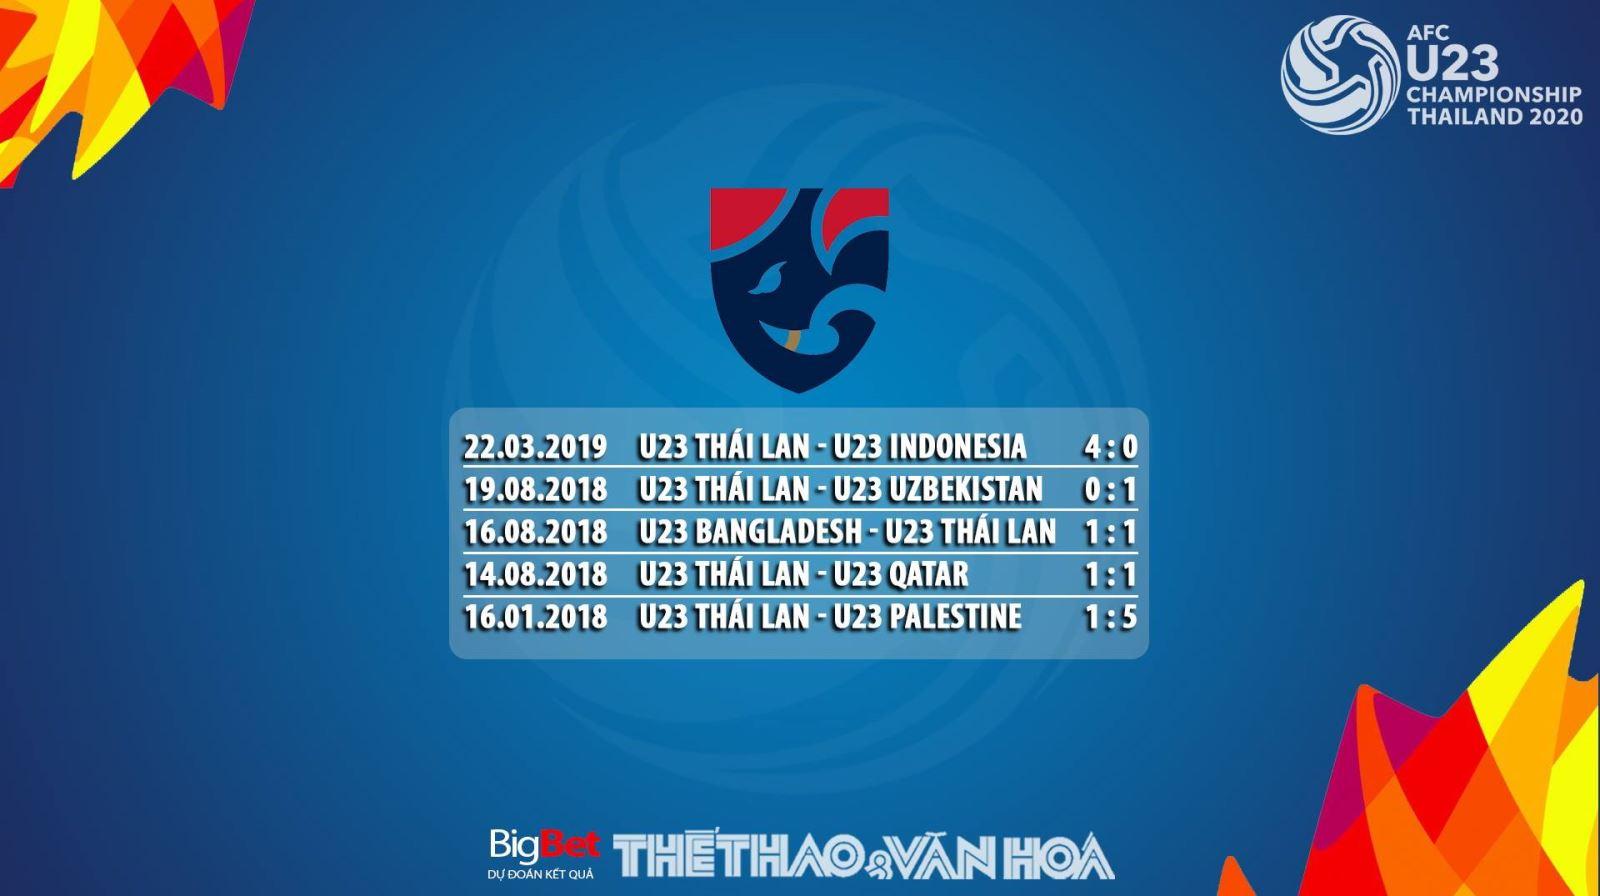 VTC3, truc tiep bong da, trực tiếp bóng đá, soi kèo U23 Thái Lan vs U23 Brunei, kèo bóng đá, U23 Thái Lan vs U23 Brunei, VTC1, VTV5, VTV6, xem VTV6, U23 U23 Thái Lan vs U23 Brunei